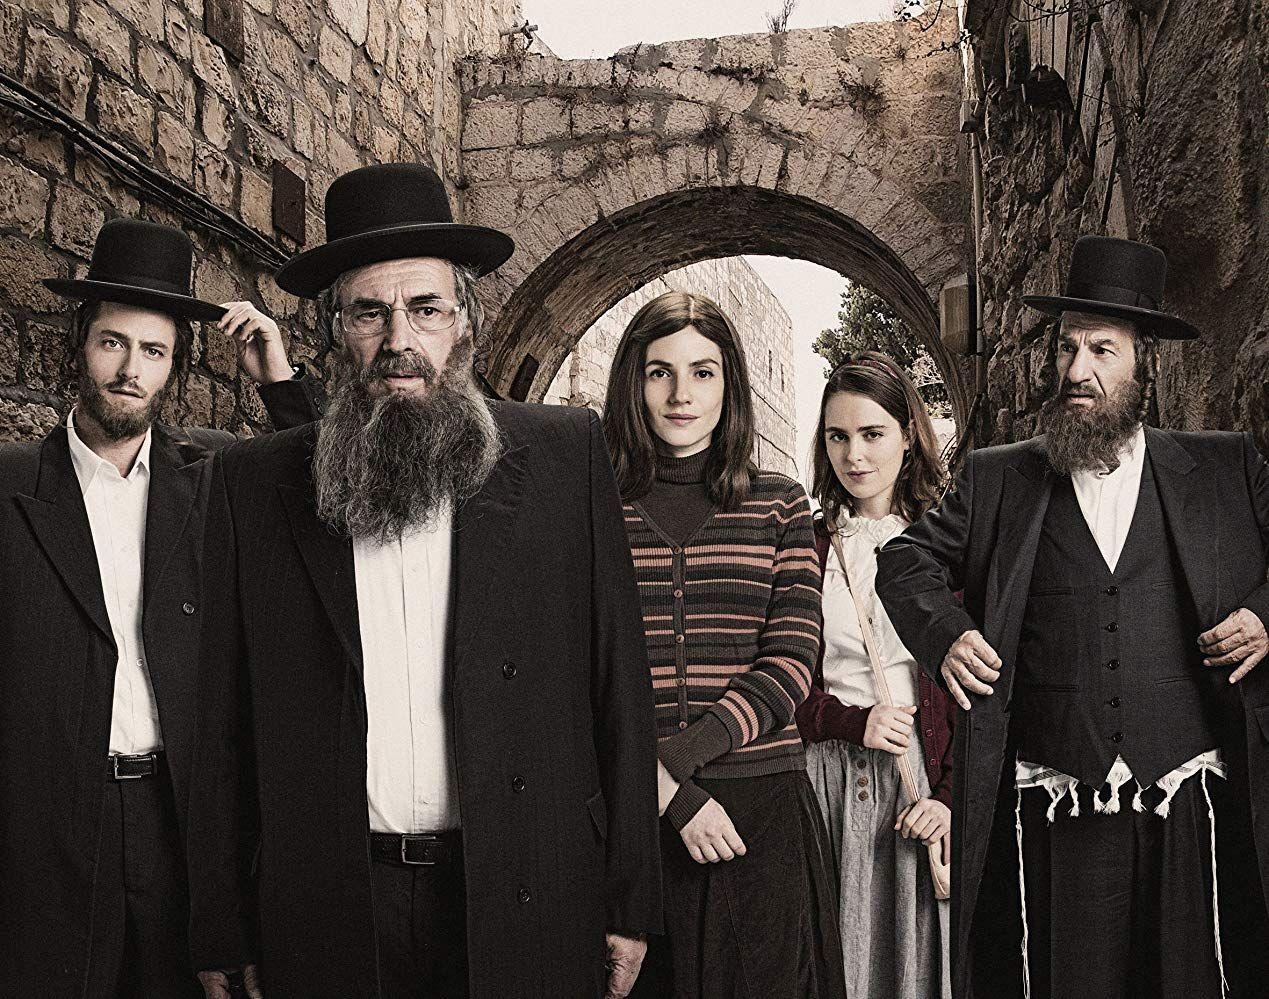 Sasson Gabai, Doval'e Glickman, Michael Aloni, Hadas Yaron, and Neta